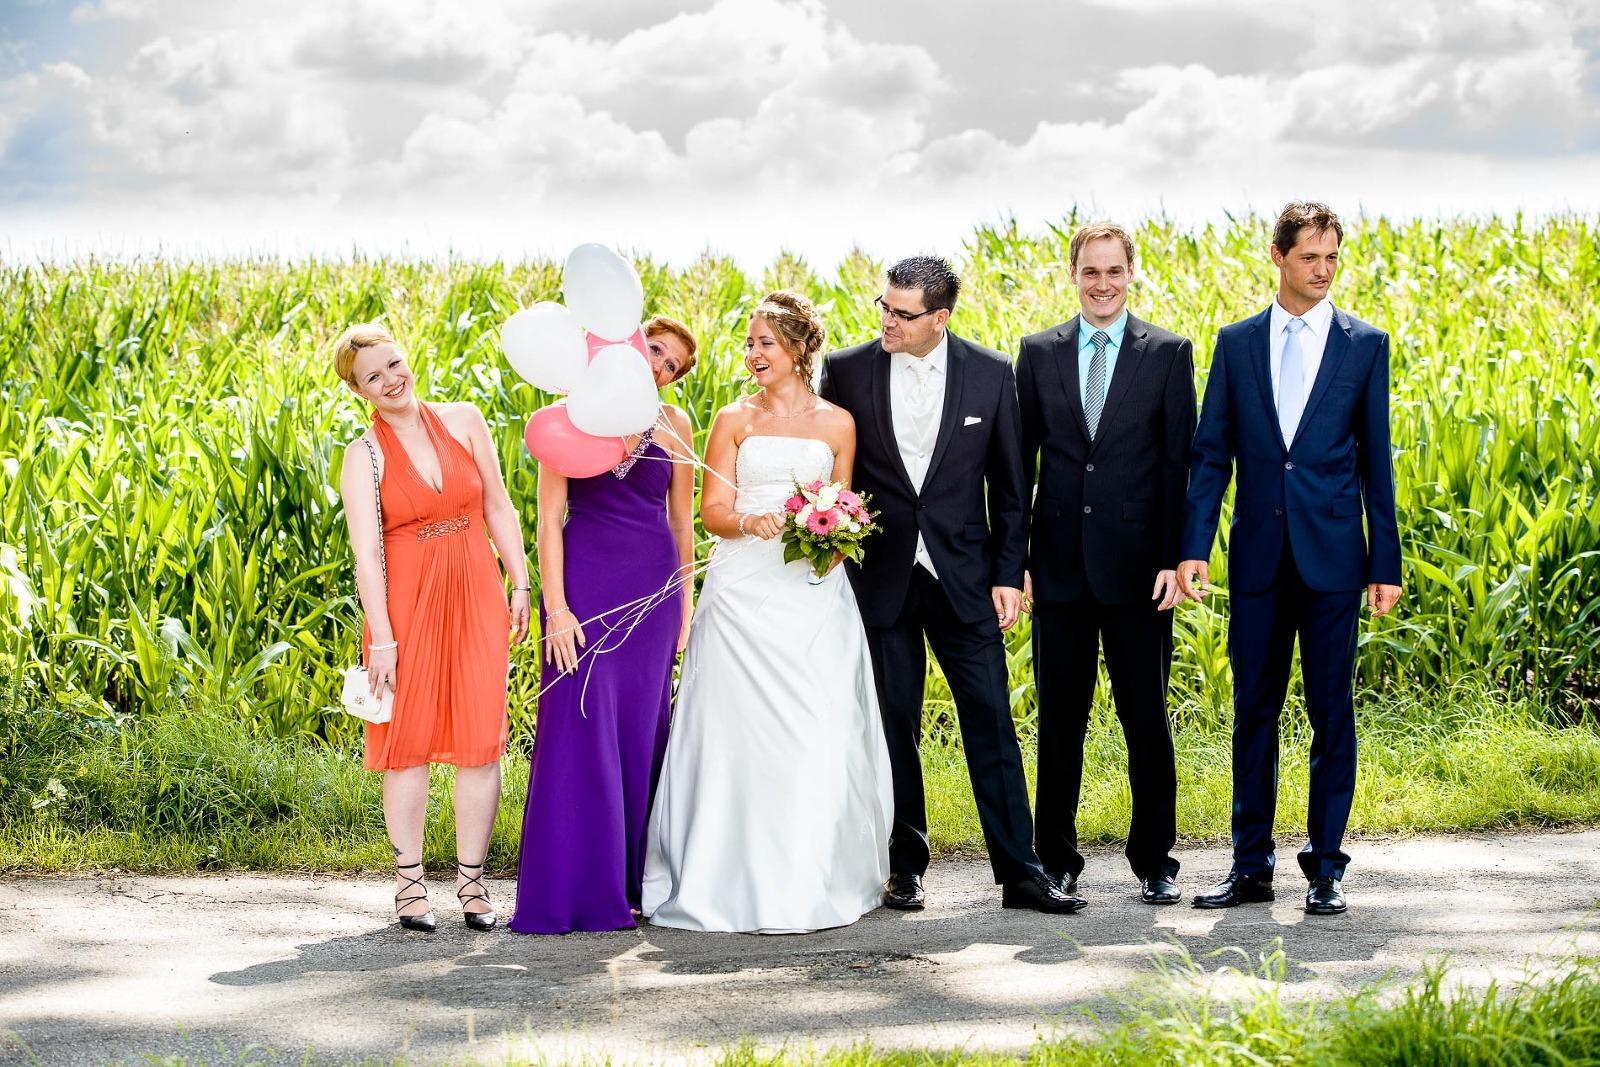 Hochzeitsfotograf München, lustiges Gruppenbild mit Luftballons am getreidefeld